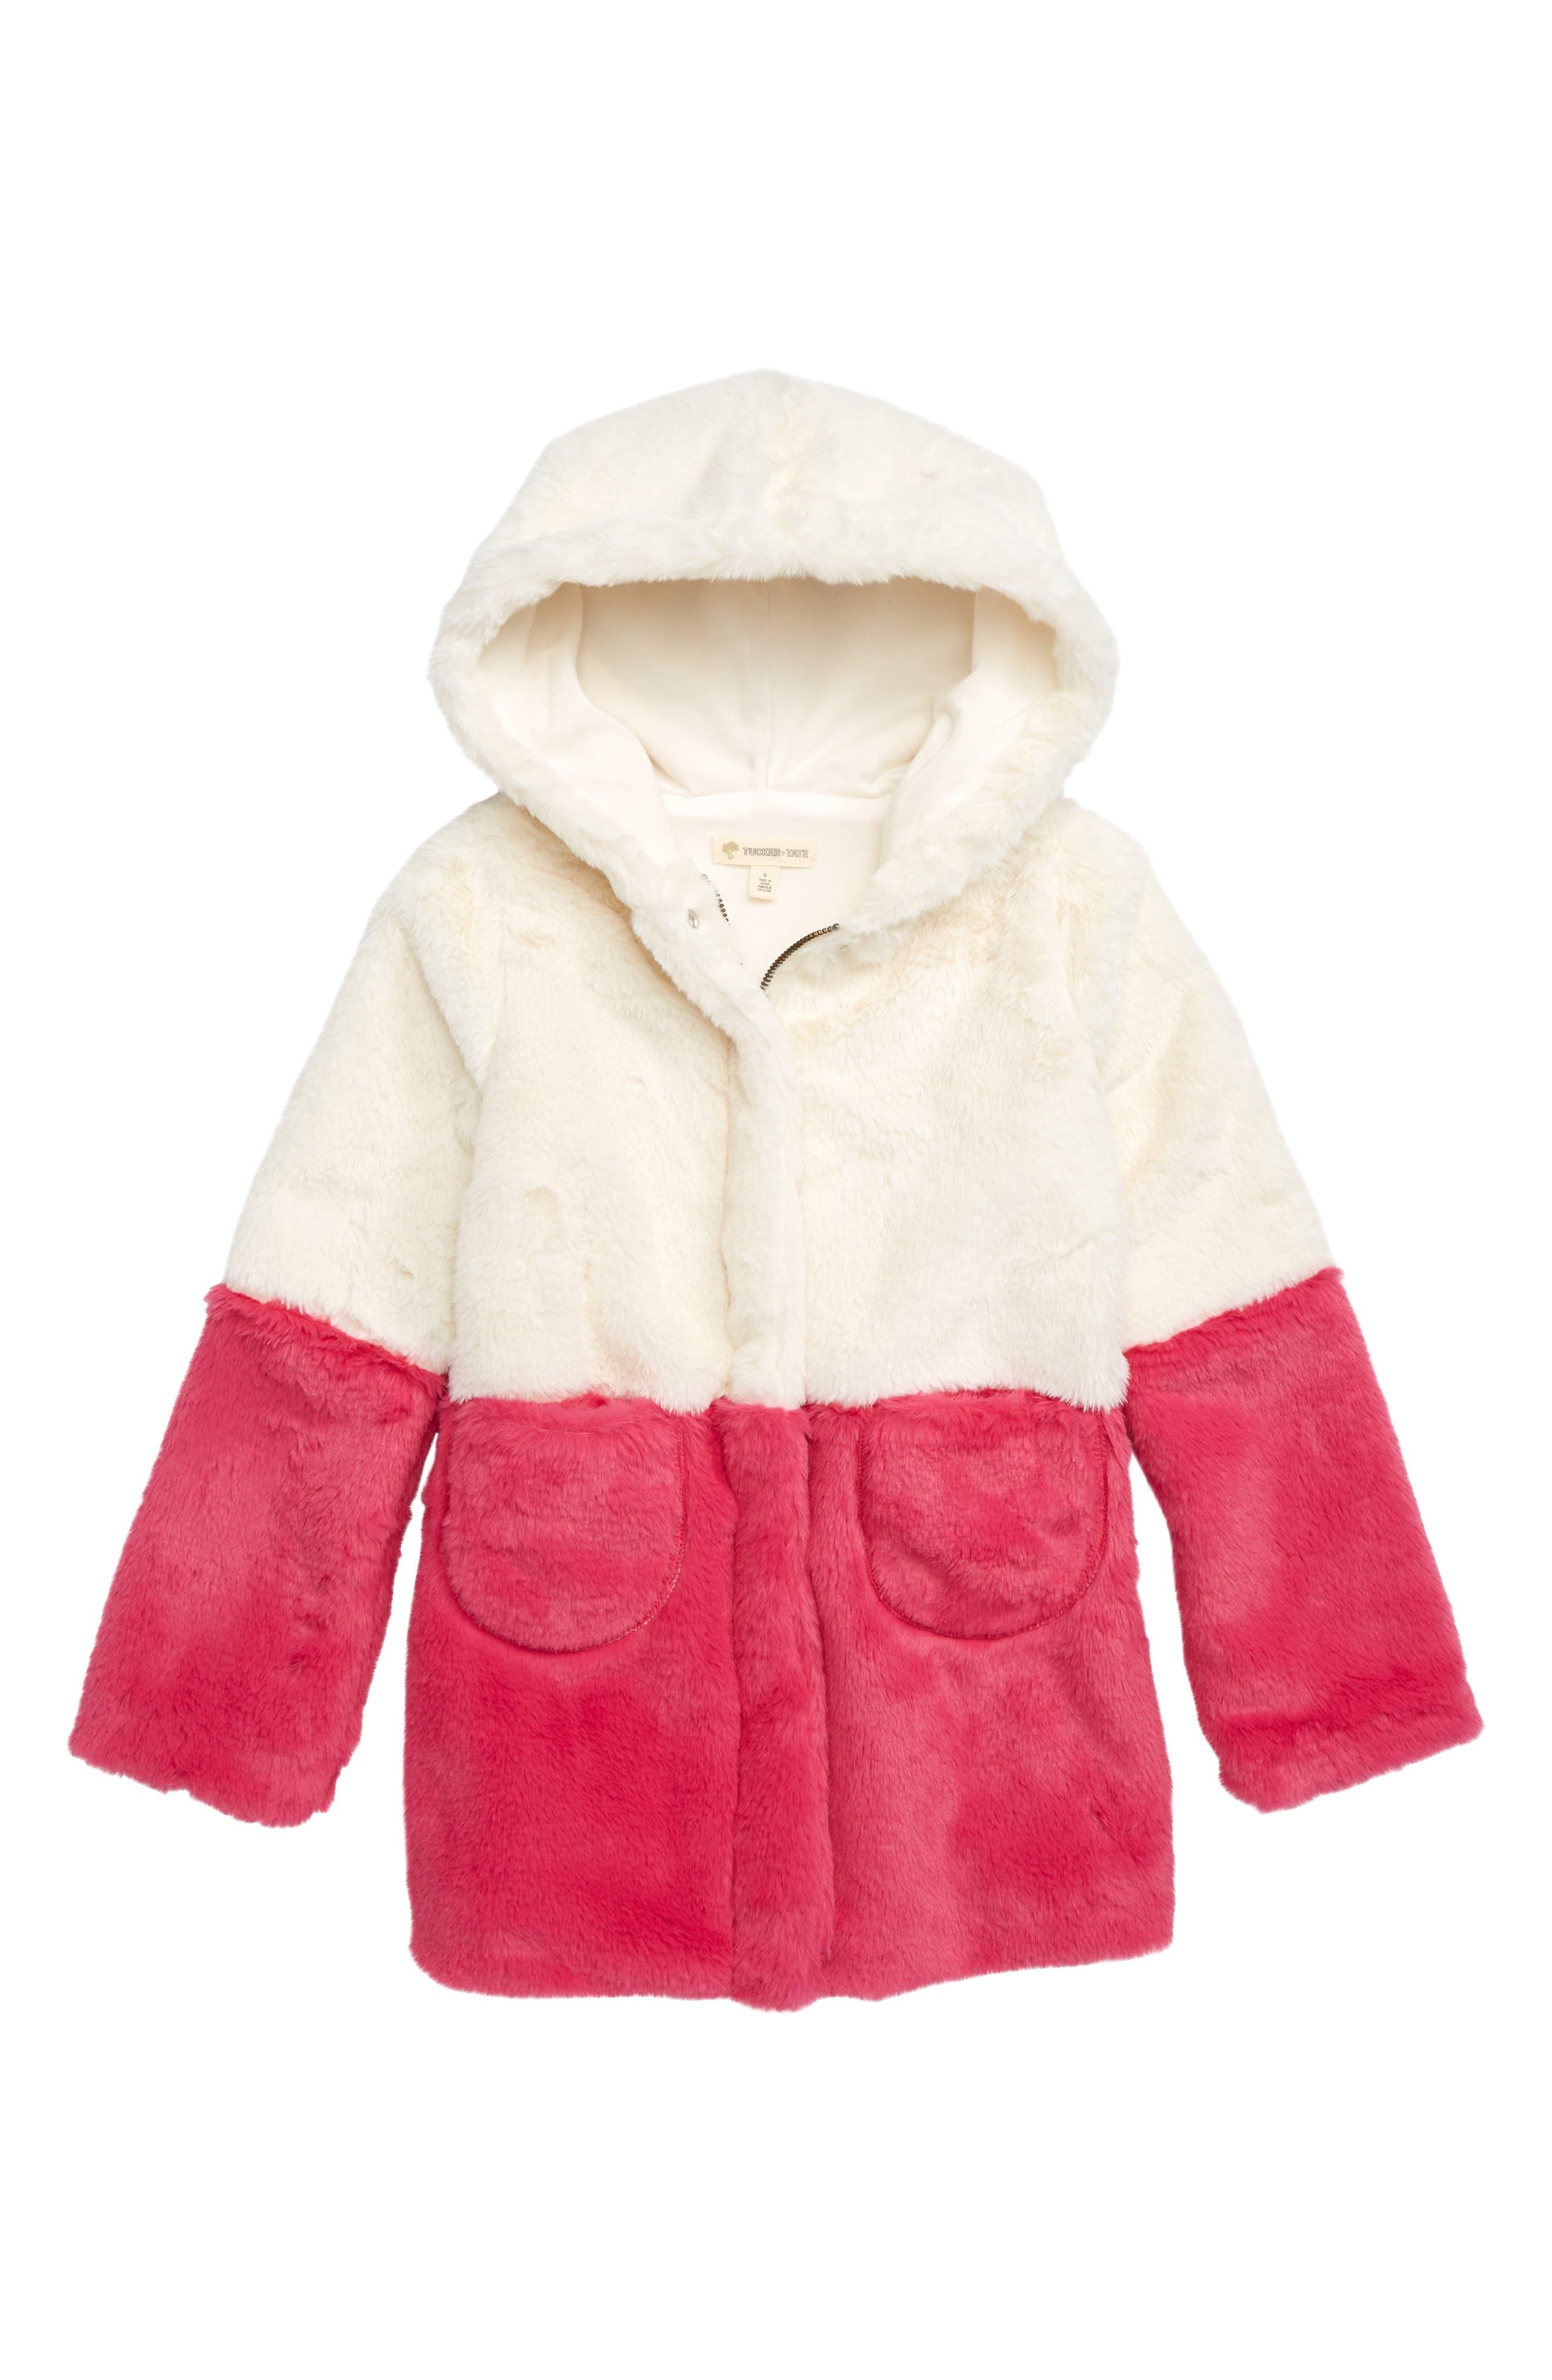 Coloblock Faux Fur Jacket,                             Main thumbnail 1, color,                             IVORY EGRET- PINK